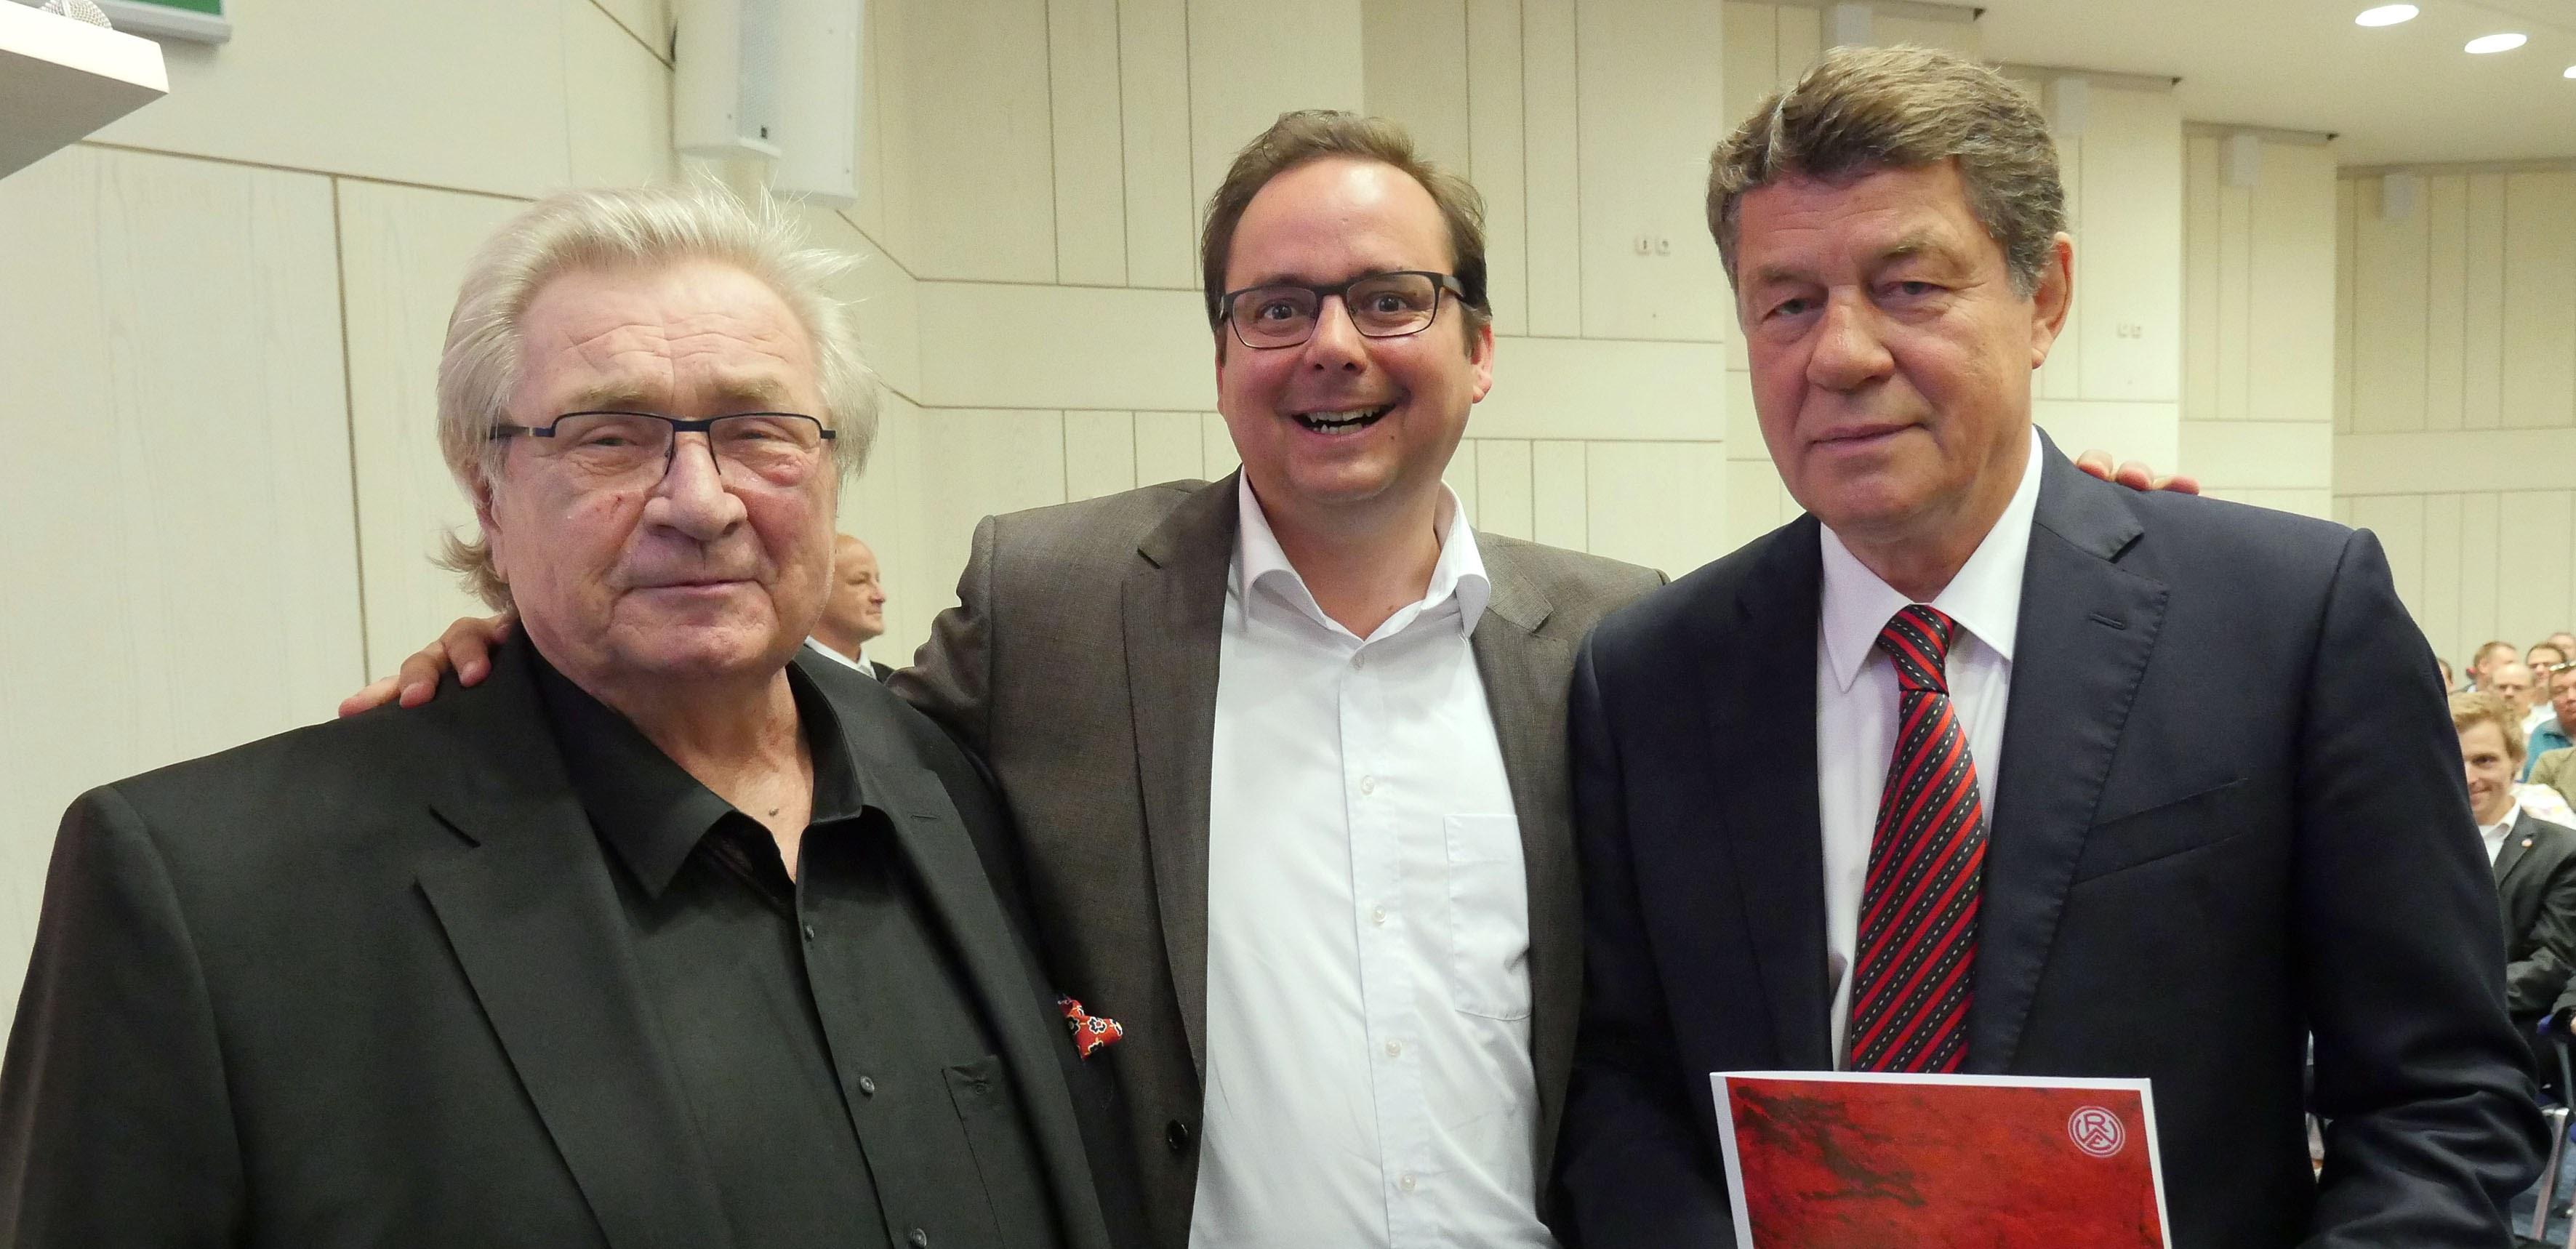 Das rot-weisse Ehrenmitglied Manni Sander feiert heute Geburtstag. (Foto: Endberg)